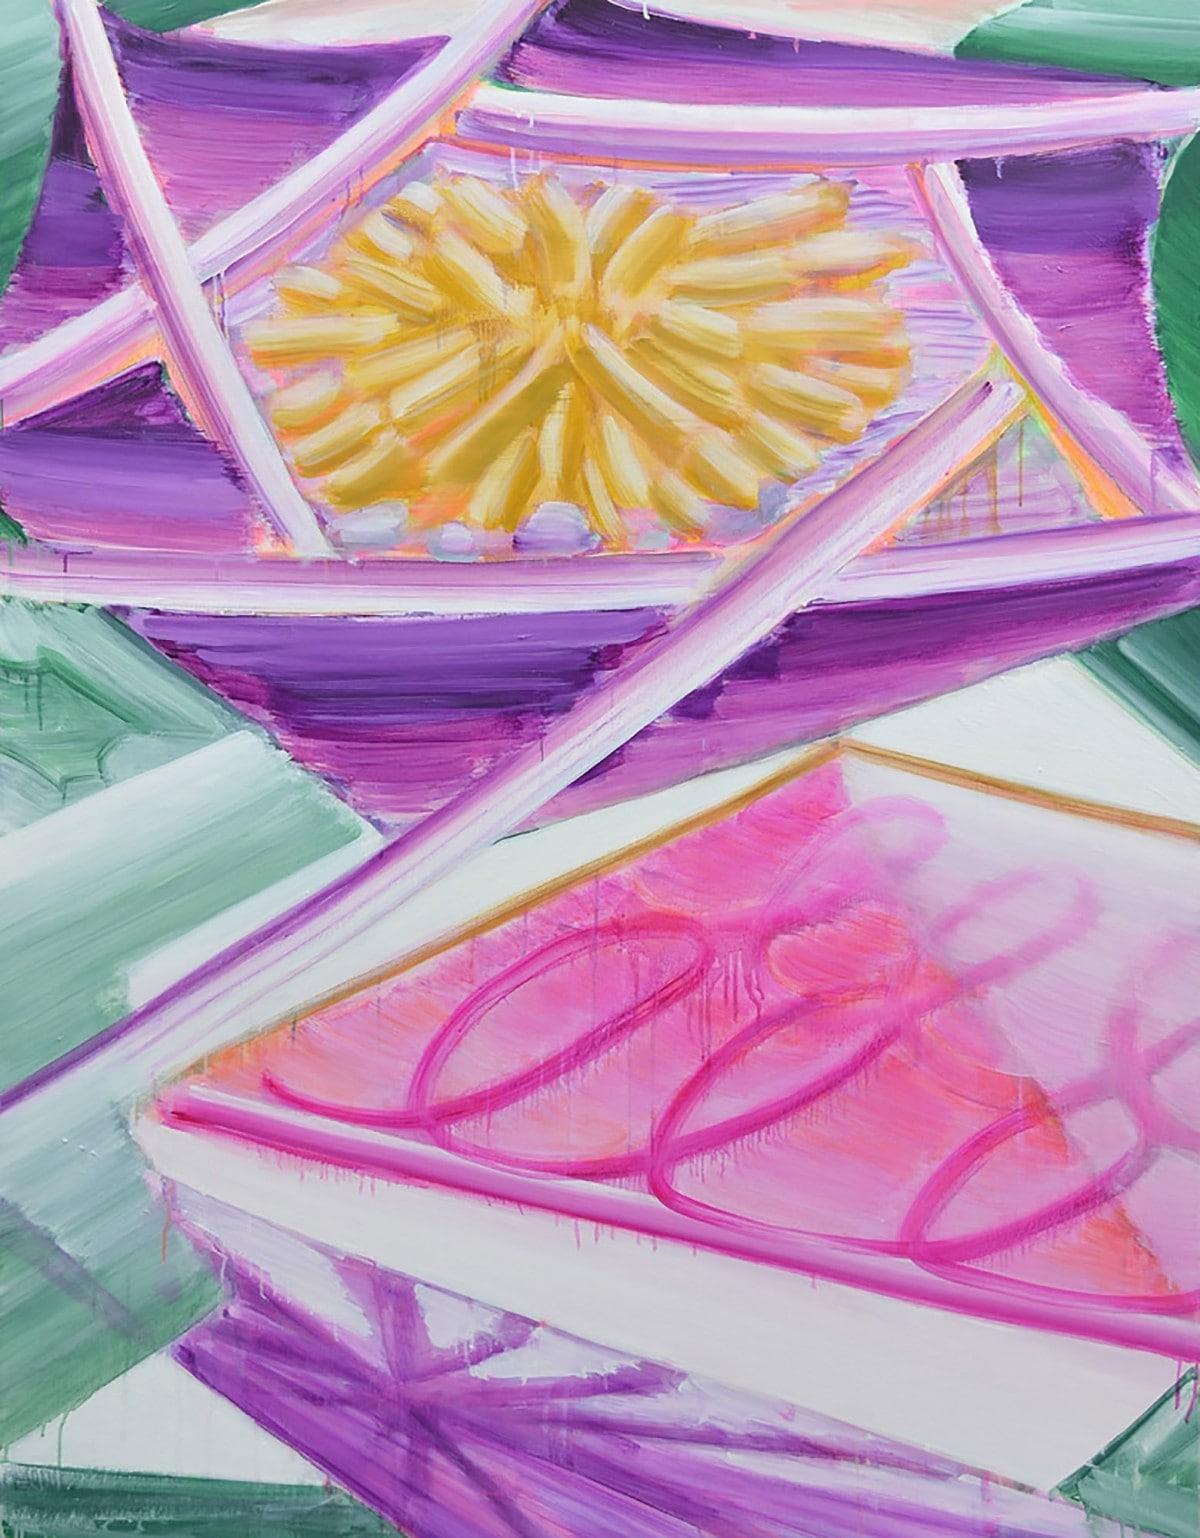 清水香帆の画像 p1_19